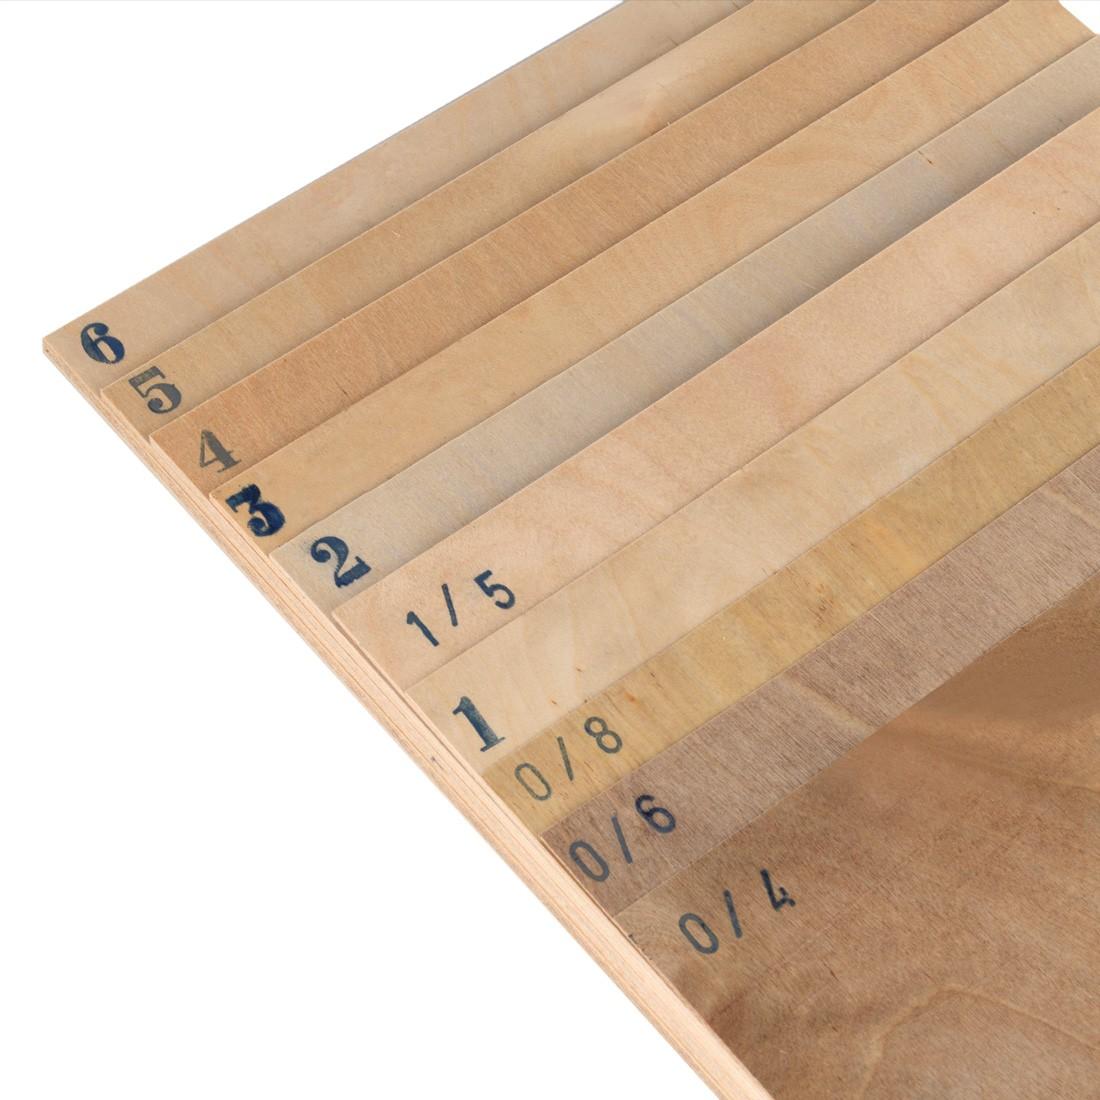 Avio BIrch plywood mm.0,8 cm.61x30